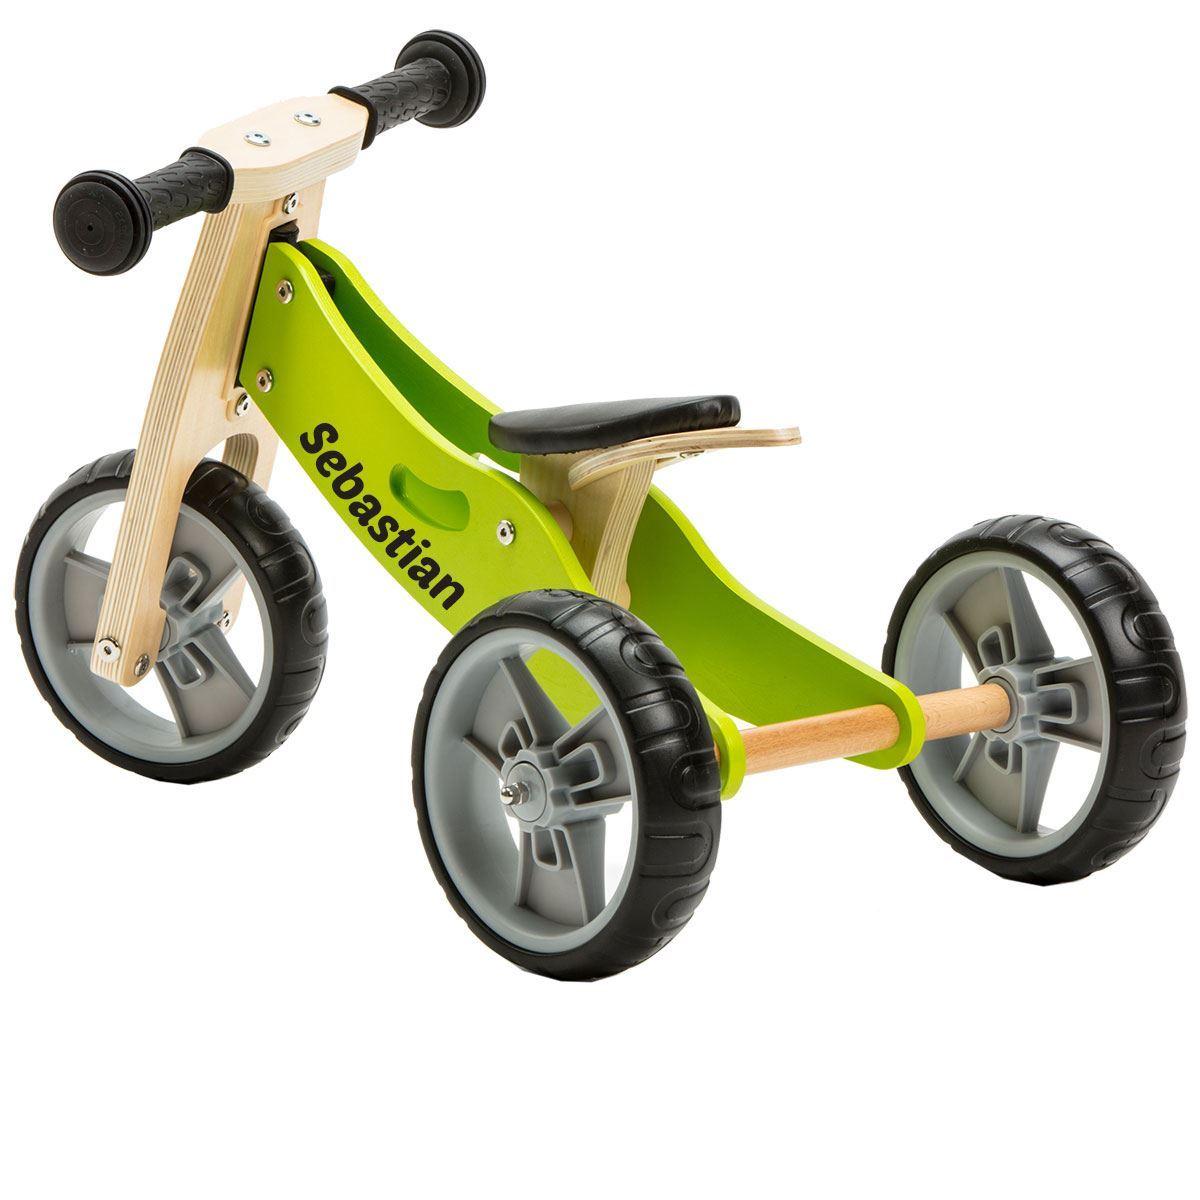 2 in 1 Bike - Green (Tricycle / Balance Bike)